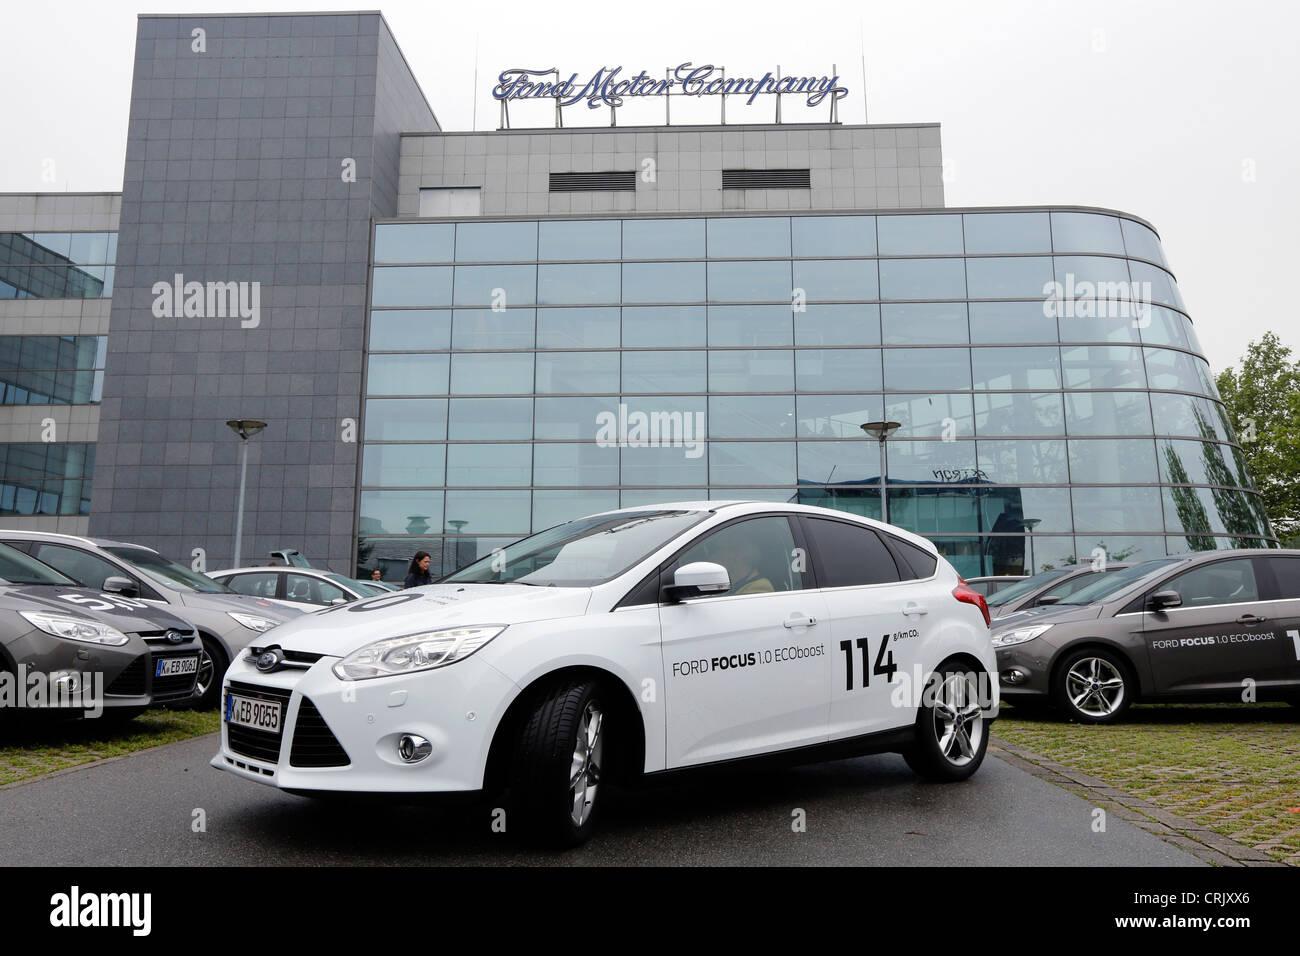 Ford Motor Company, Fords Forschung und Vorentwicklung Zentrum in Aachen/Deutschland. Vorne ist der Ford Focus 1.0 Stockbild